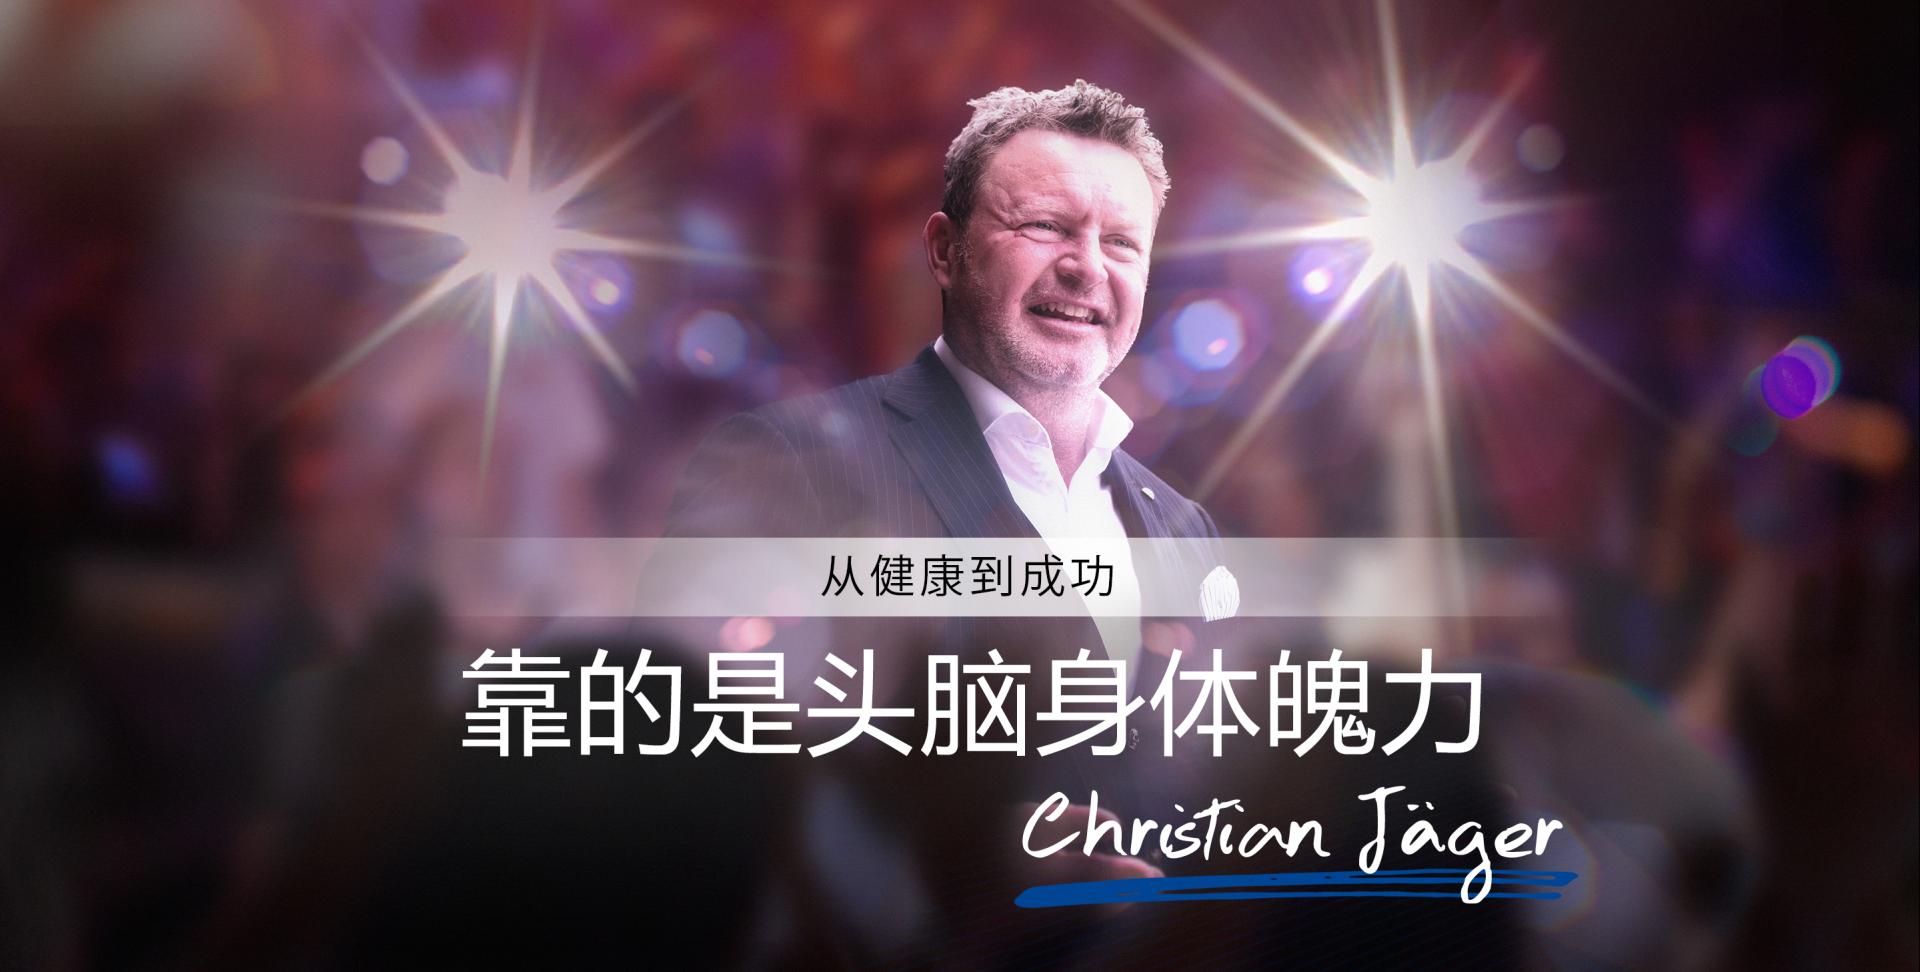 christian_jaeger_website_chinesisch